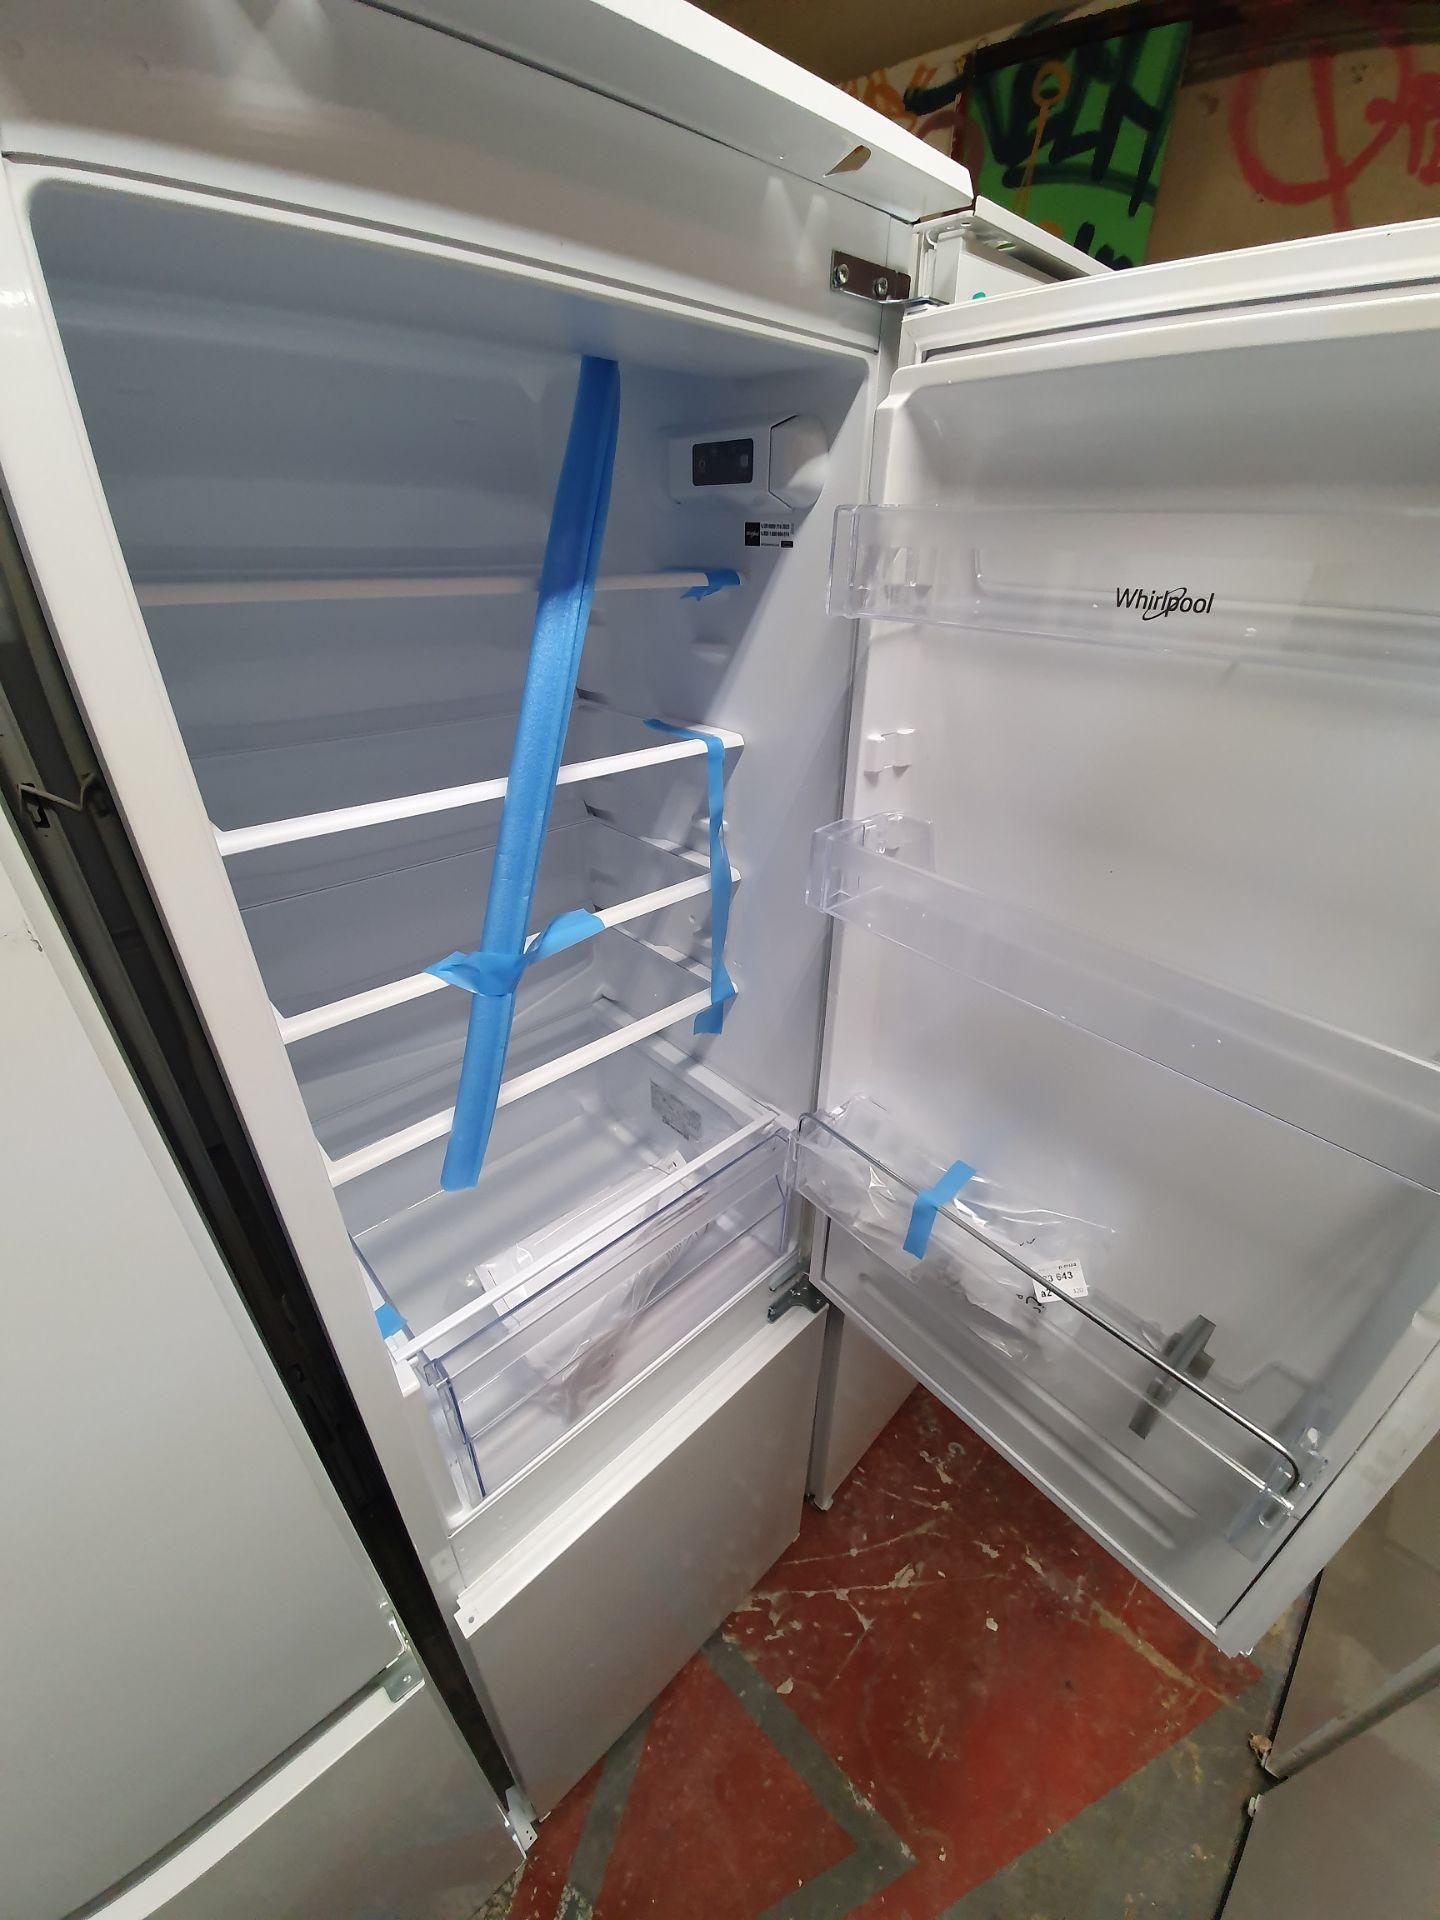 NEW/GRADED AND UNPACKAGED Electrolux ENN2801EOV Built-in 70:30 split Fridge Freezer (Brand new - Image 10 of 14